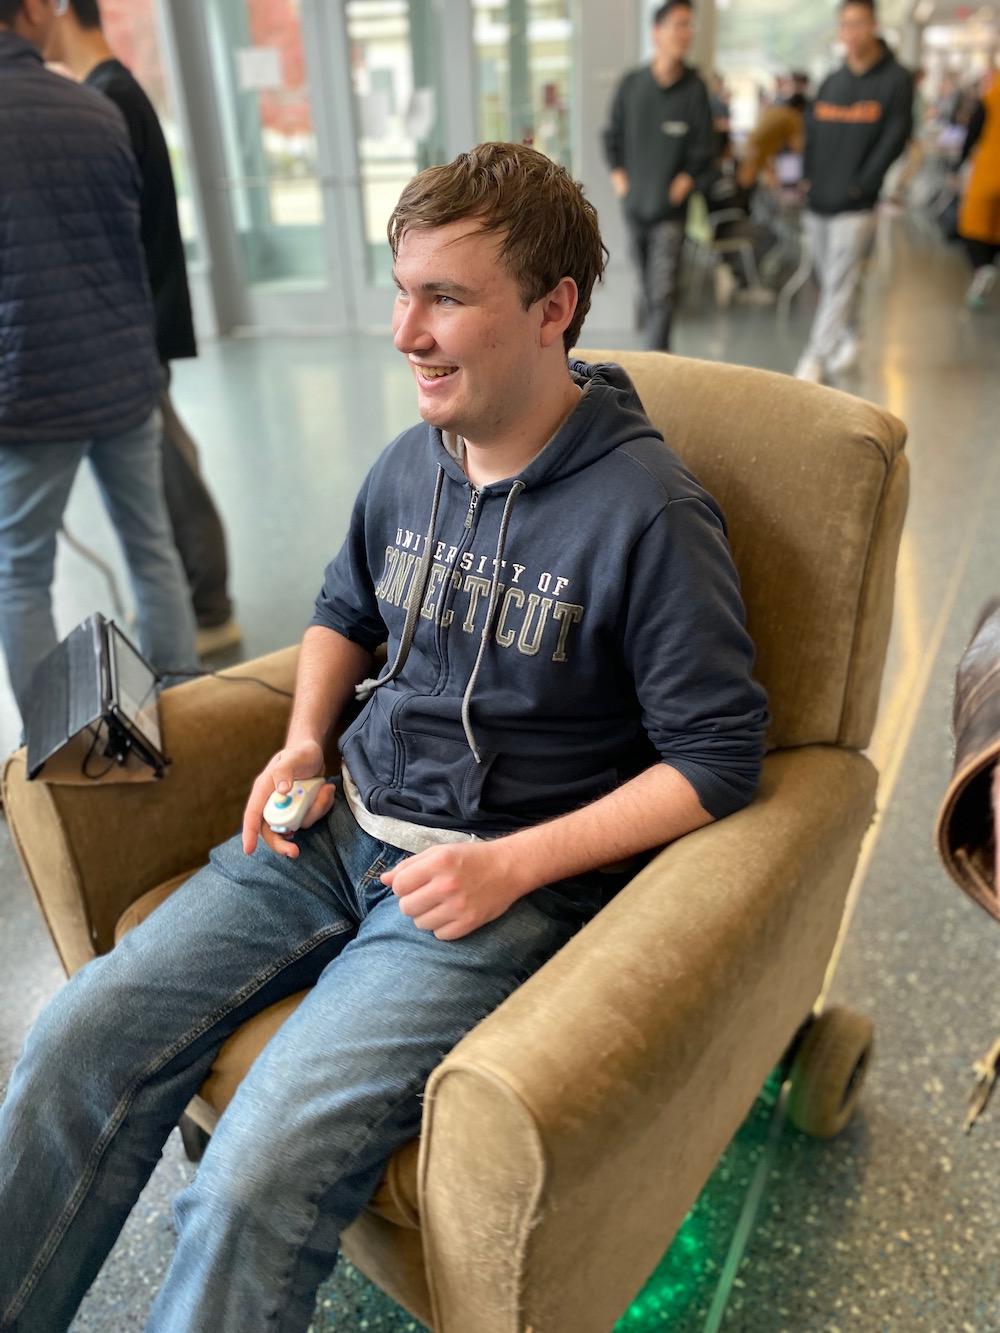 Matt on the chair